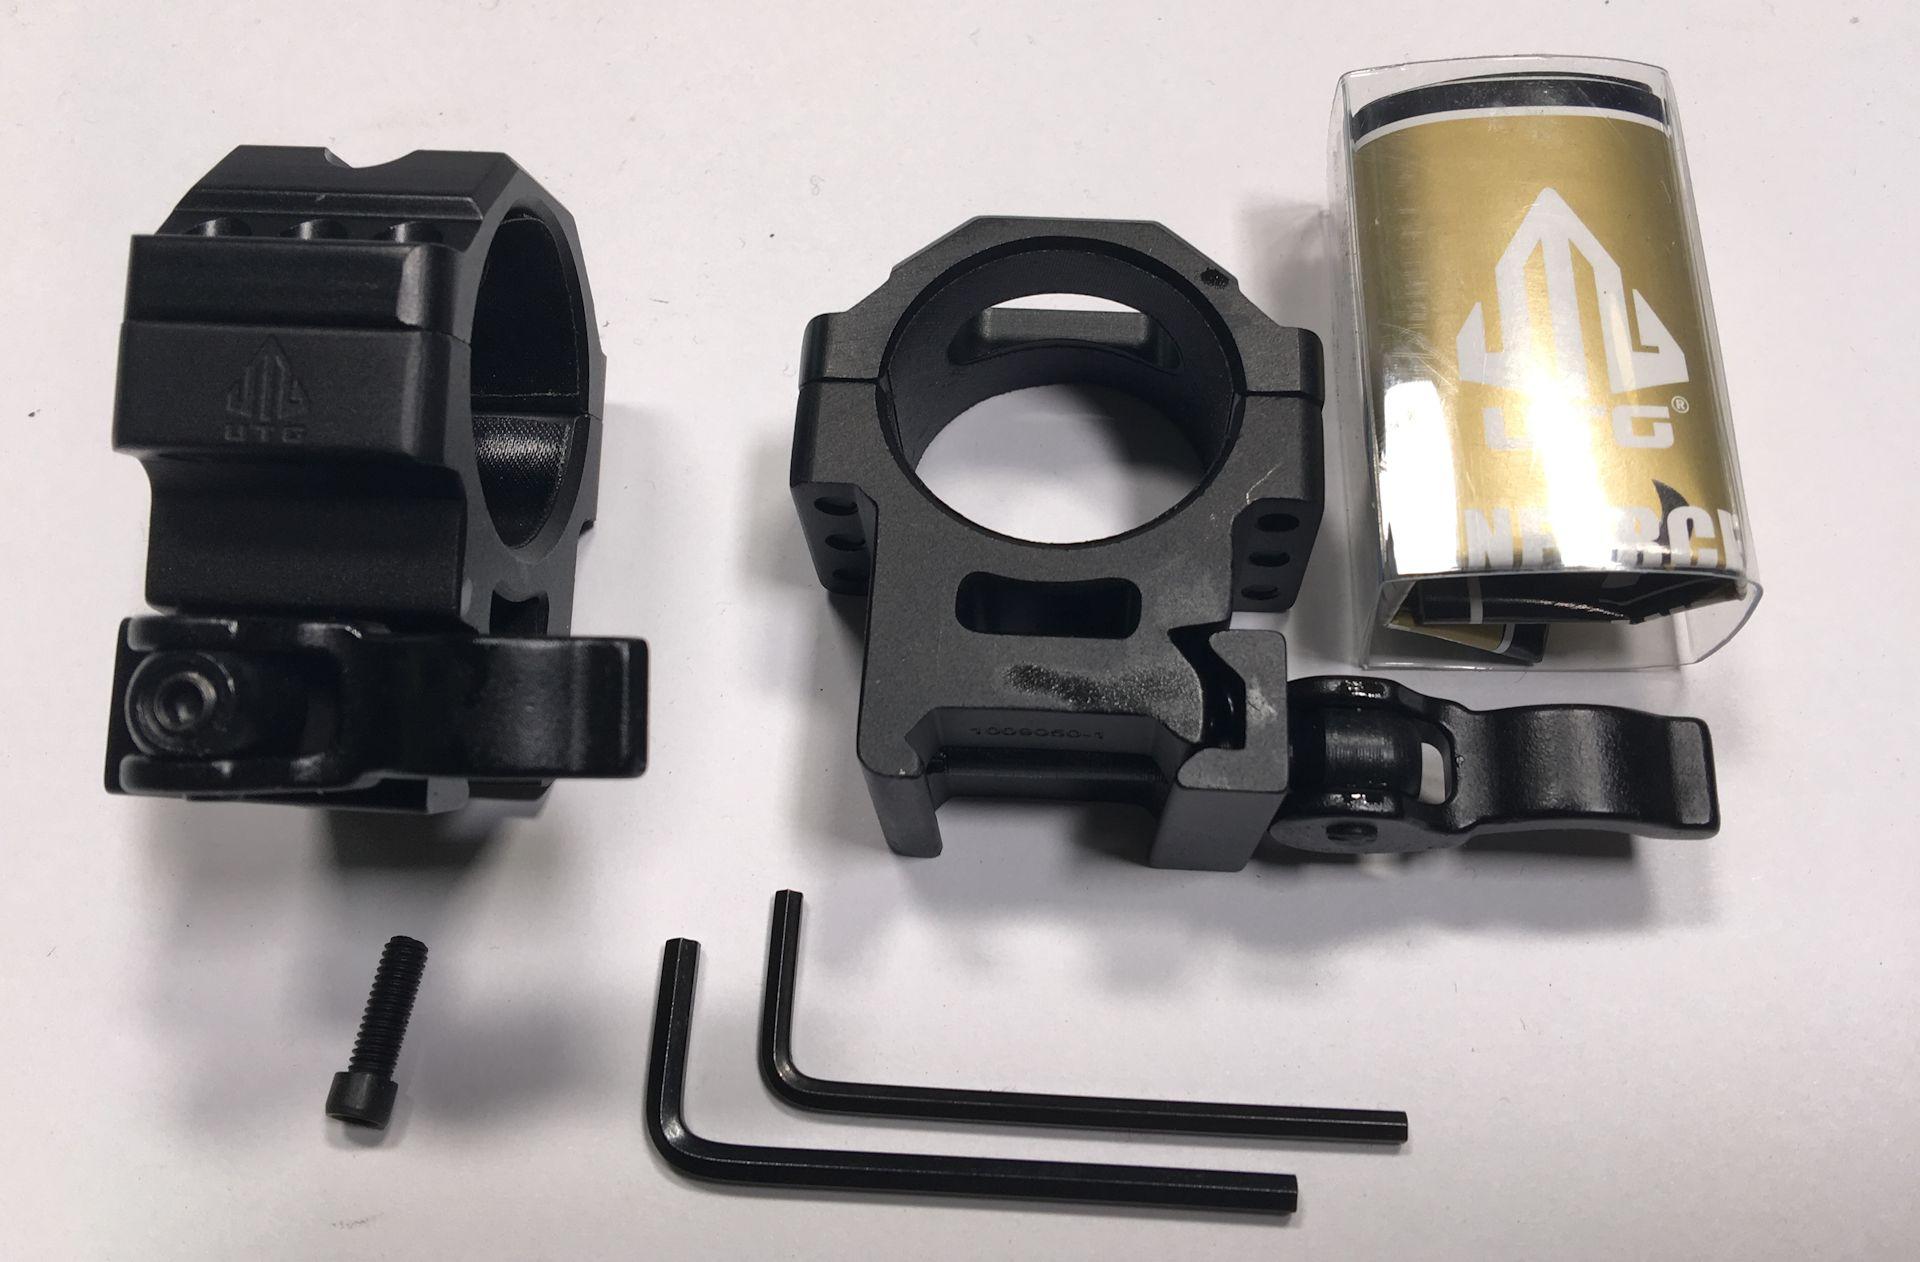 Montageringe 30mm für Schienenbreite 21mm mit Schnellspanner